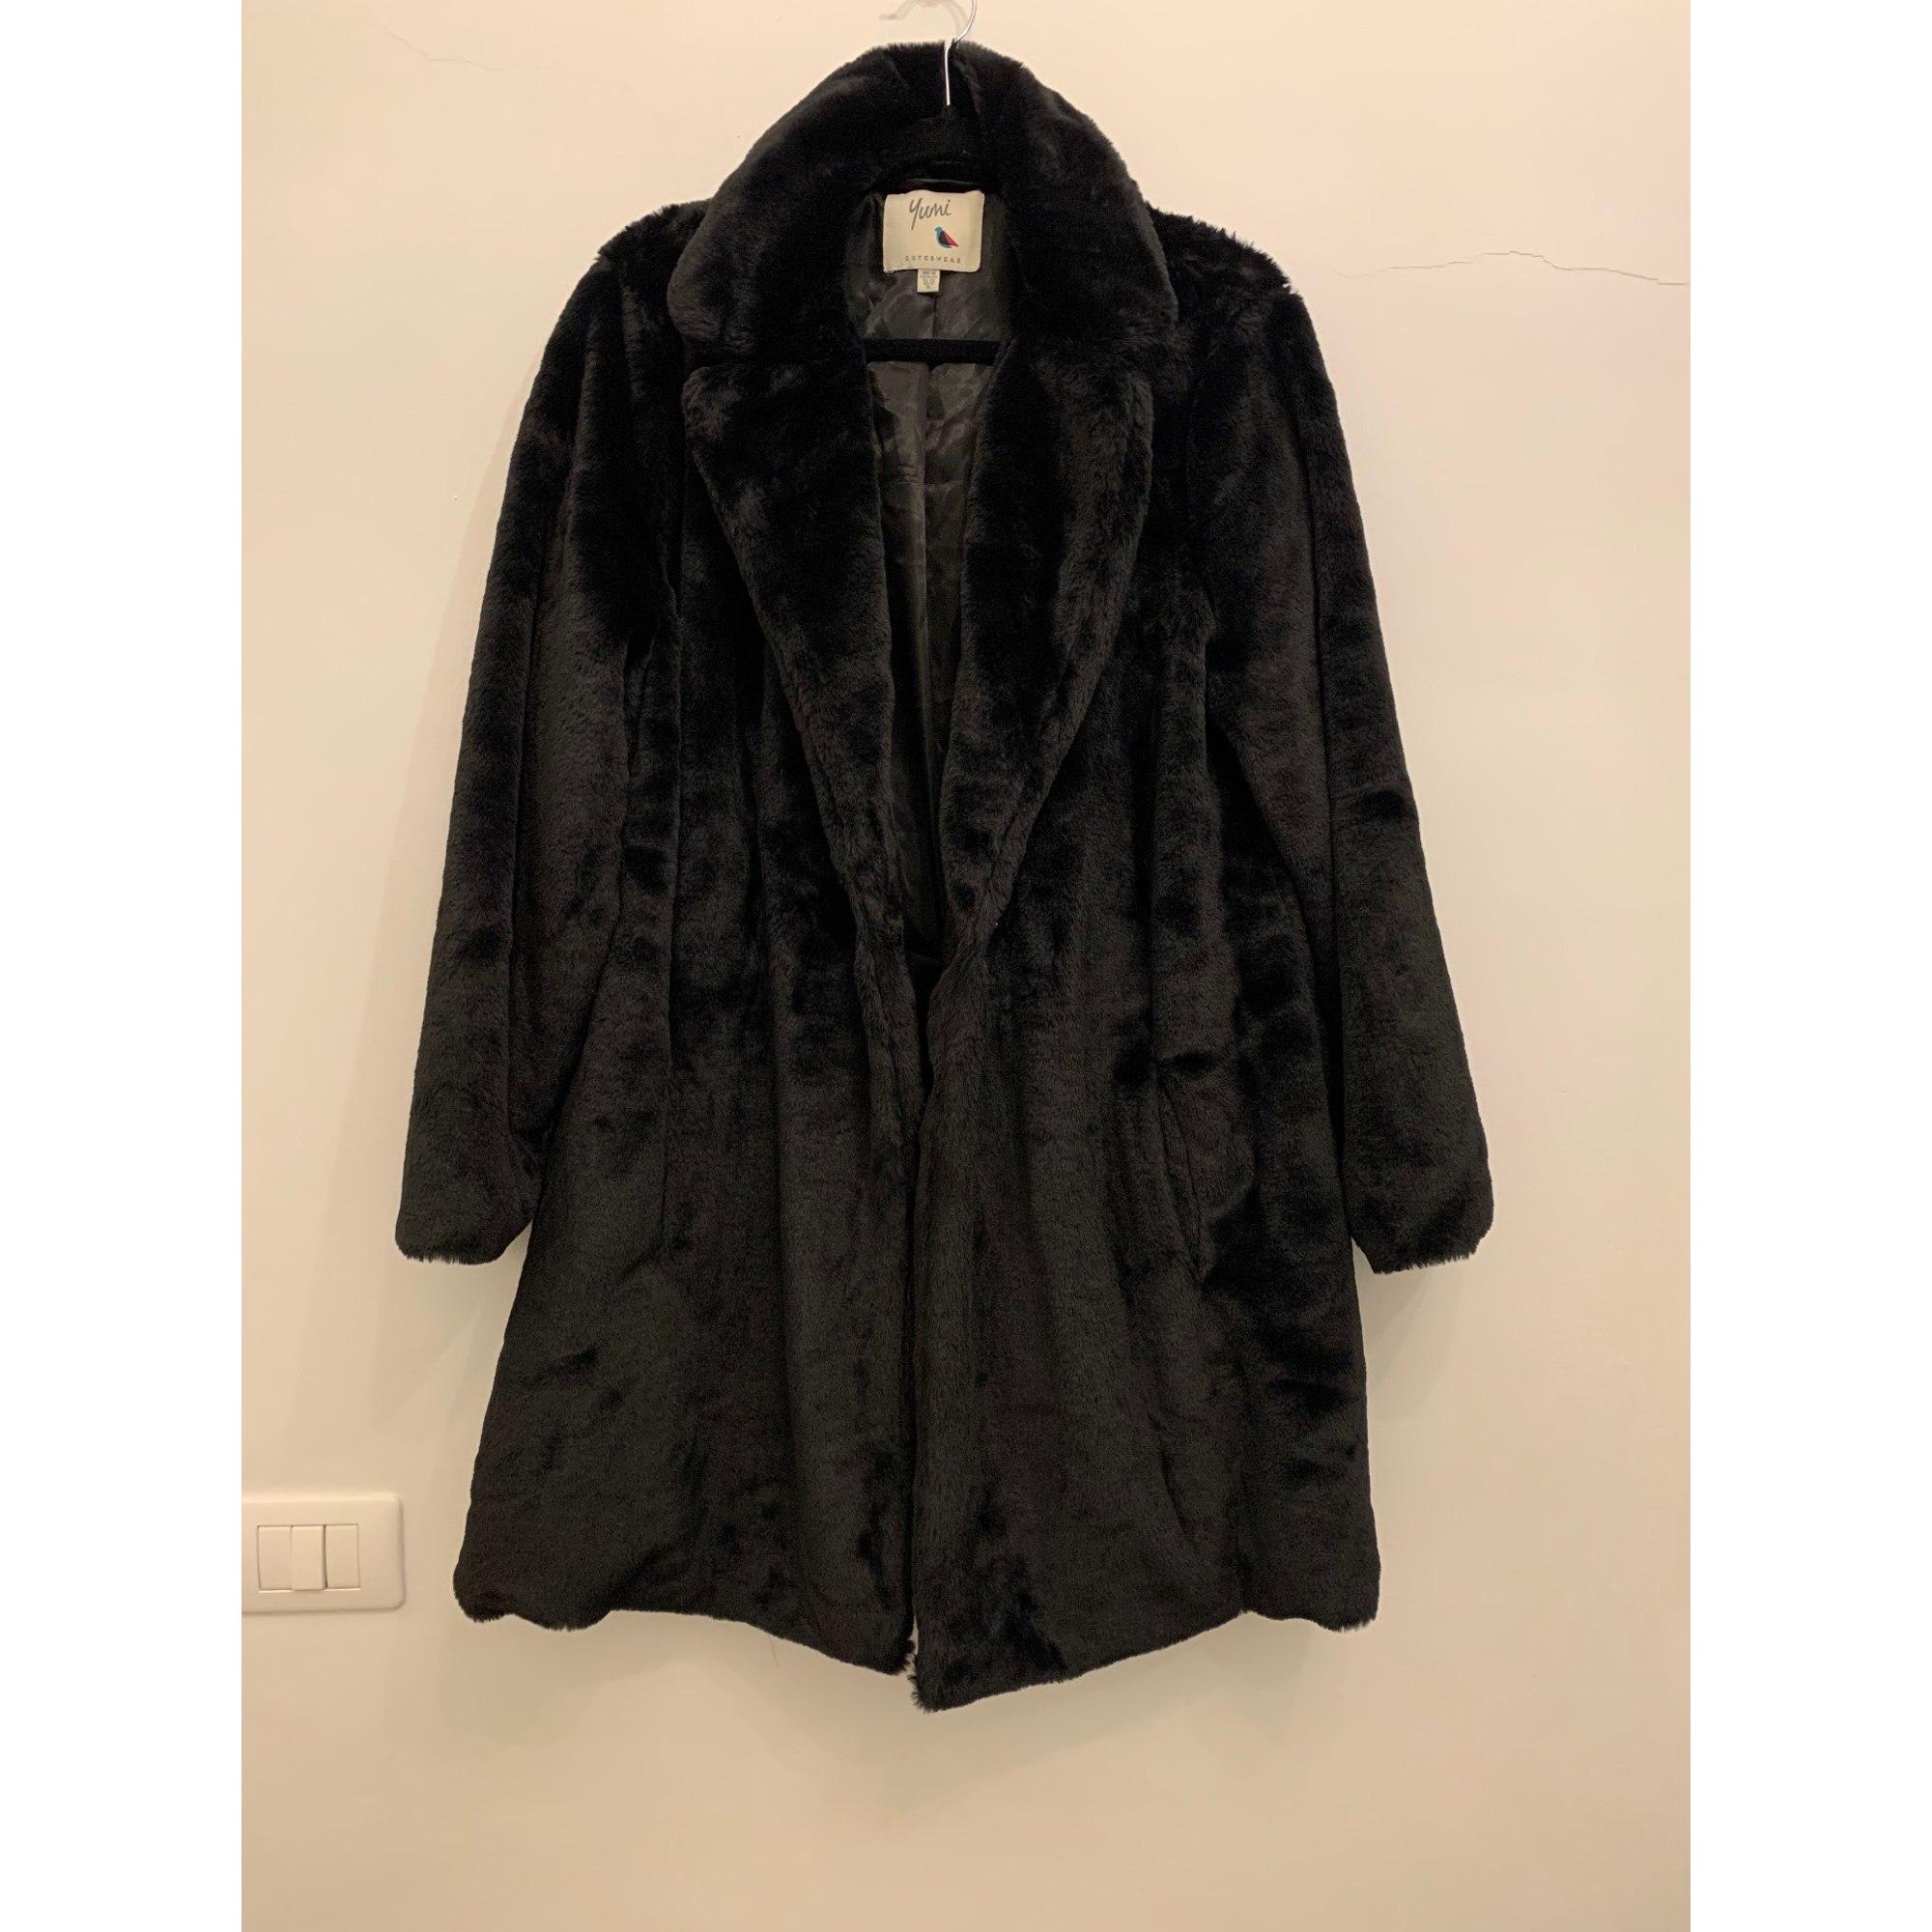 Manteau en fourrure NON SIGNÉ Noir